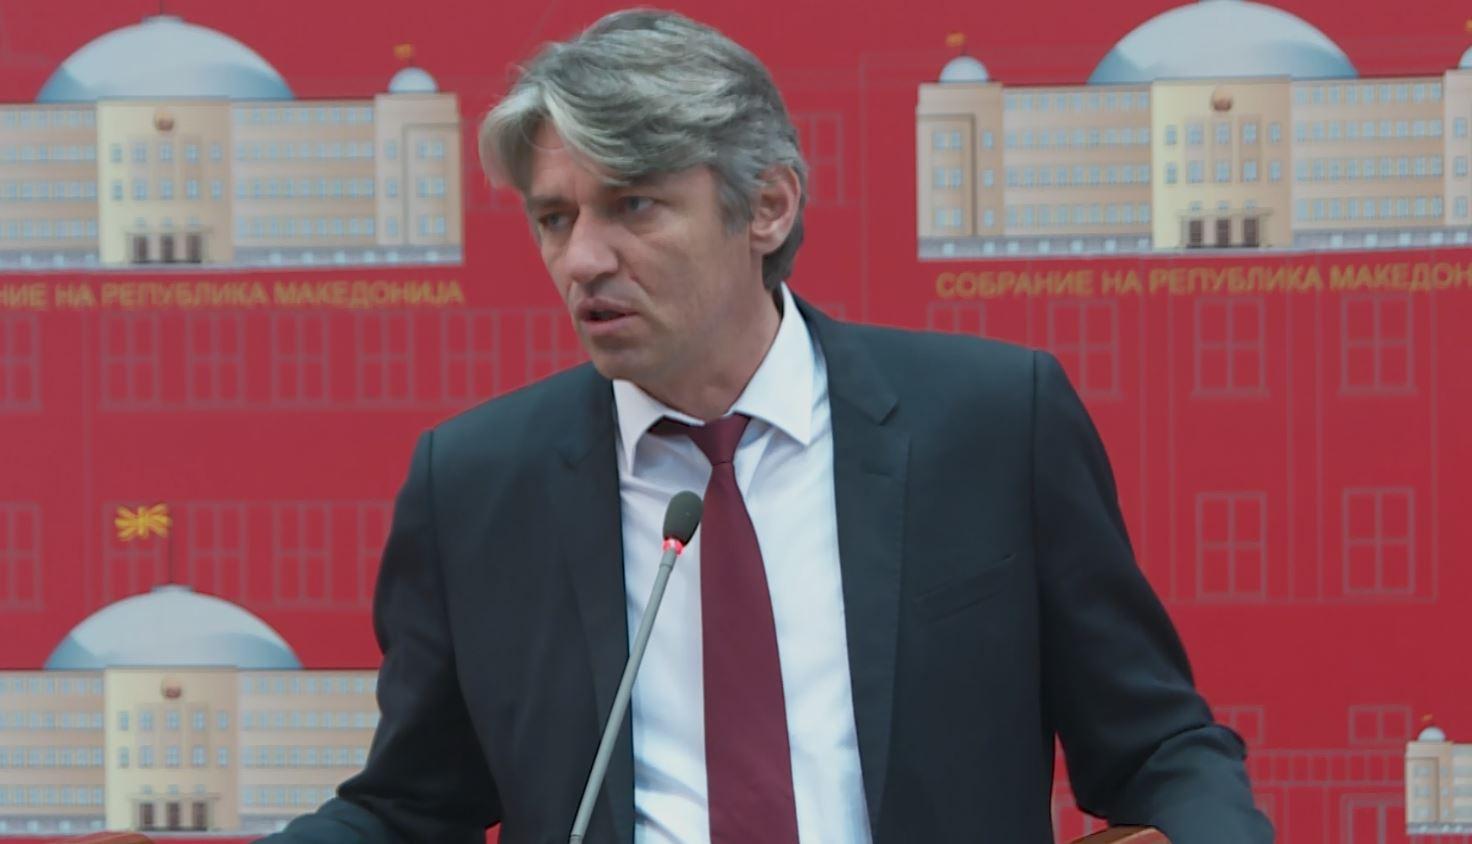 Kryeministër shqiptar në Maqedoninë e Veriut, Ziadin Sela: Ideja e Ali Ahmetit skandaloze